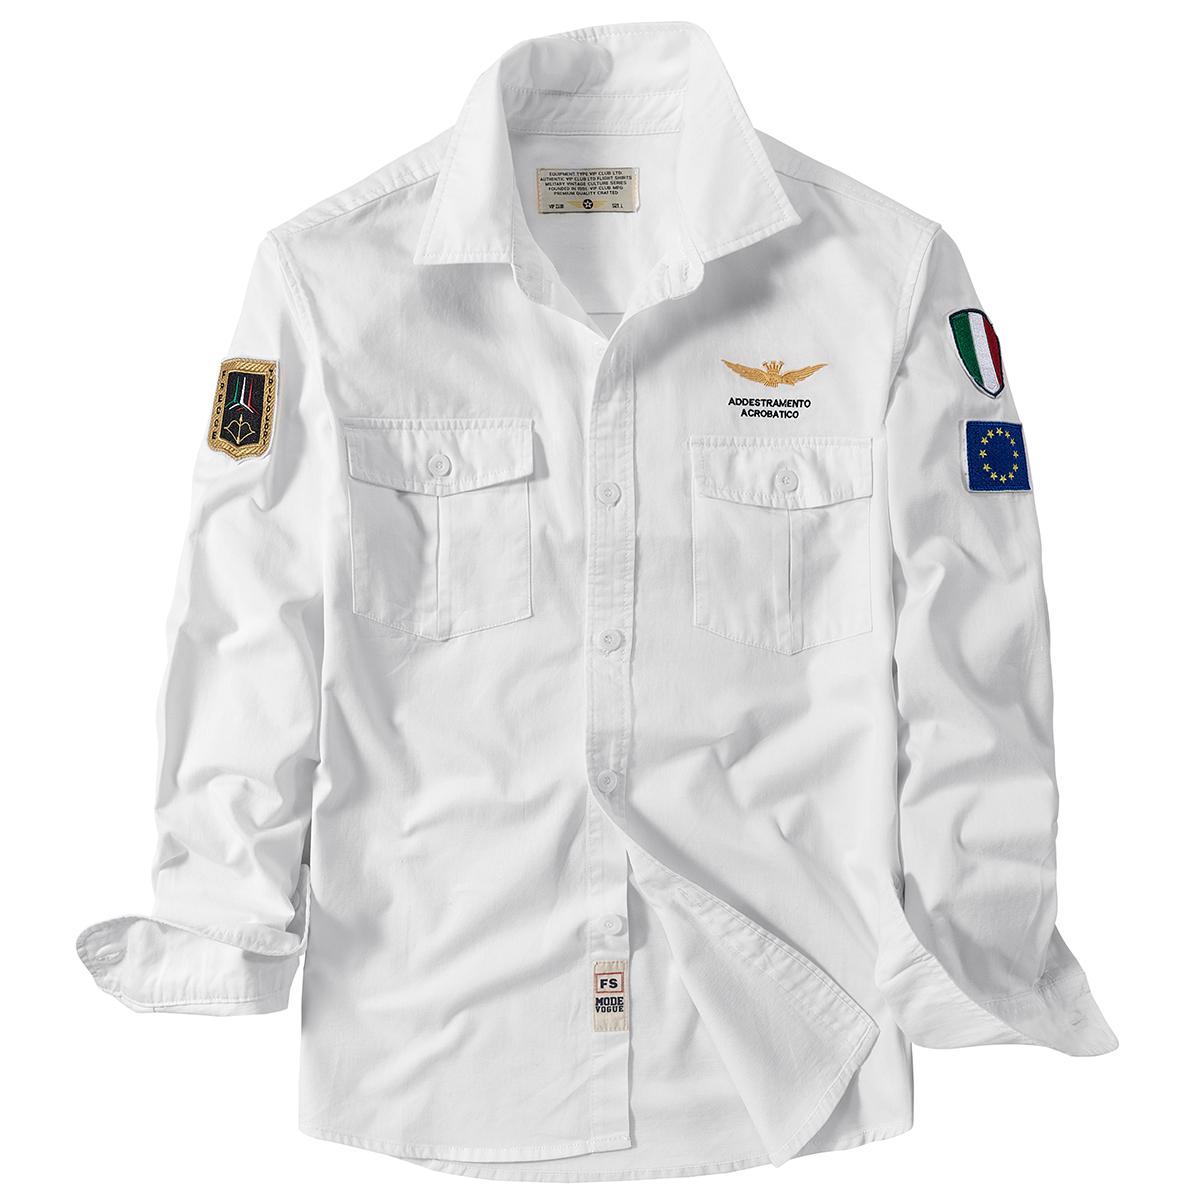 VIP秋季新款长袖衬衫男休闲青年男士衬衣外套工装寸衫上衣服军装